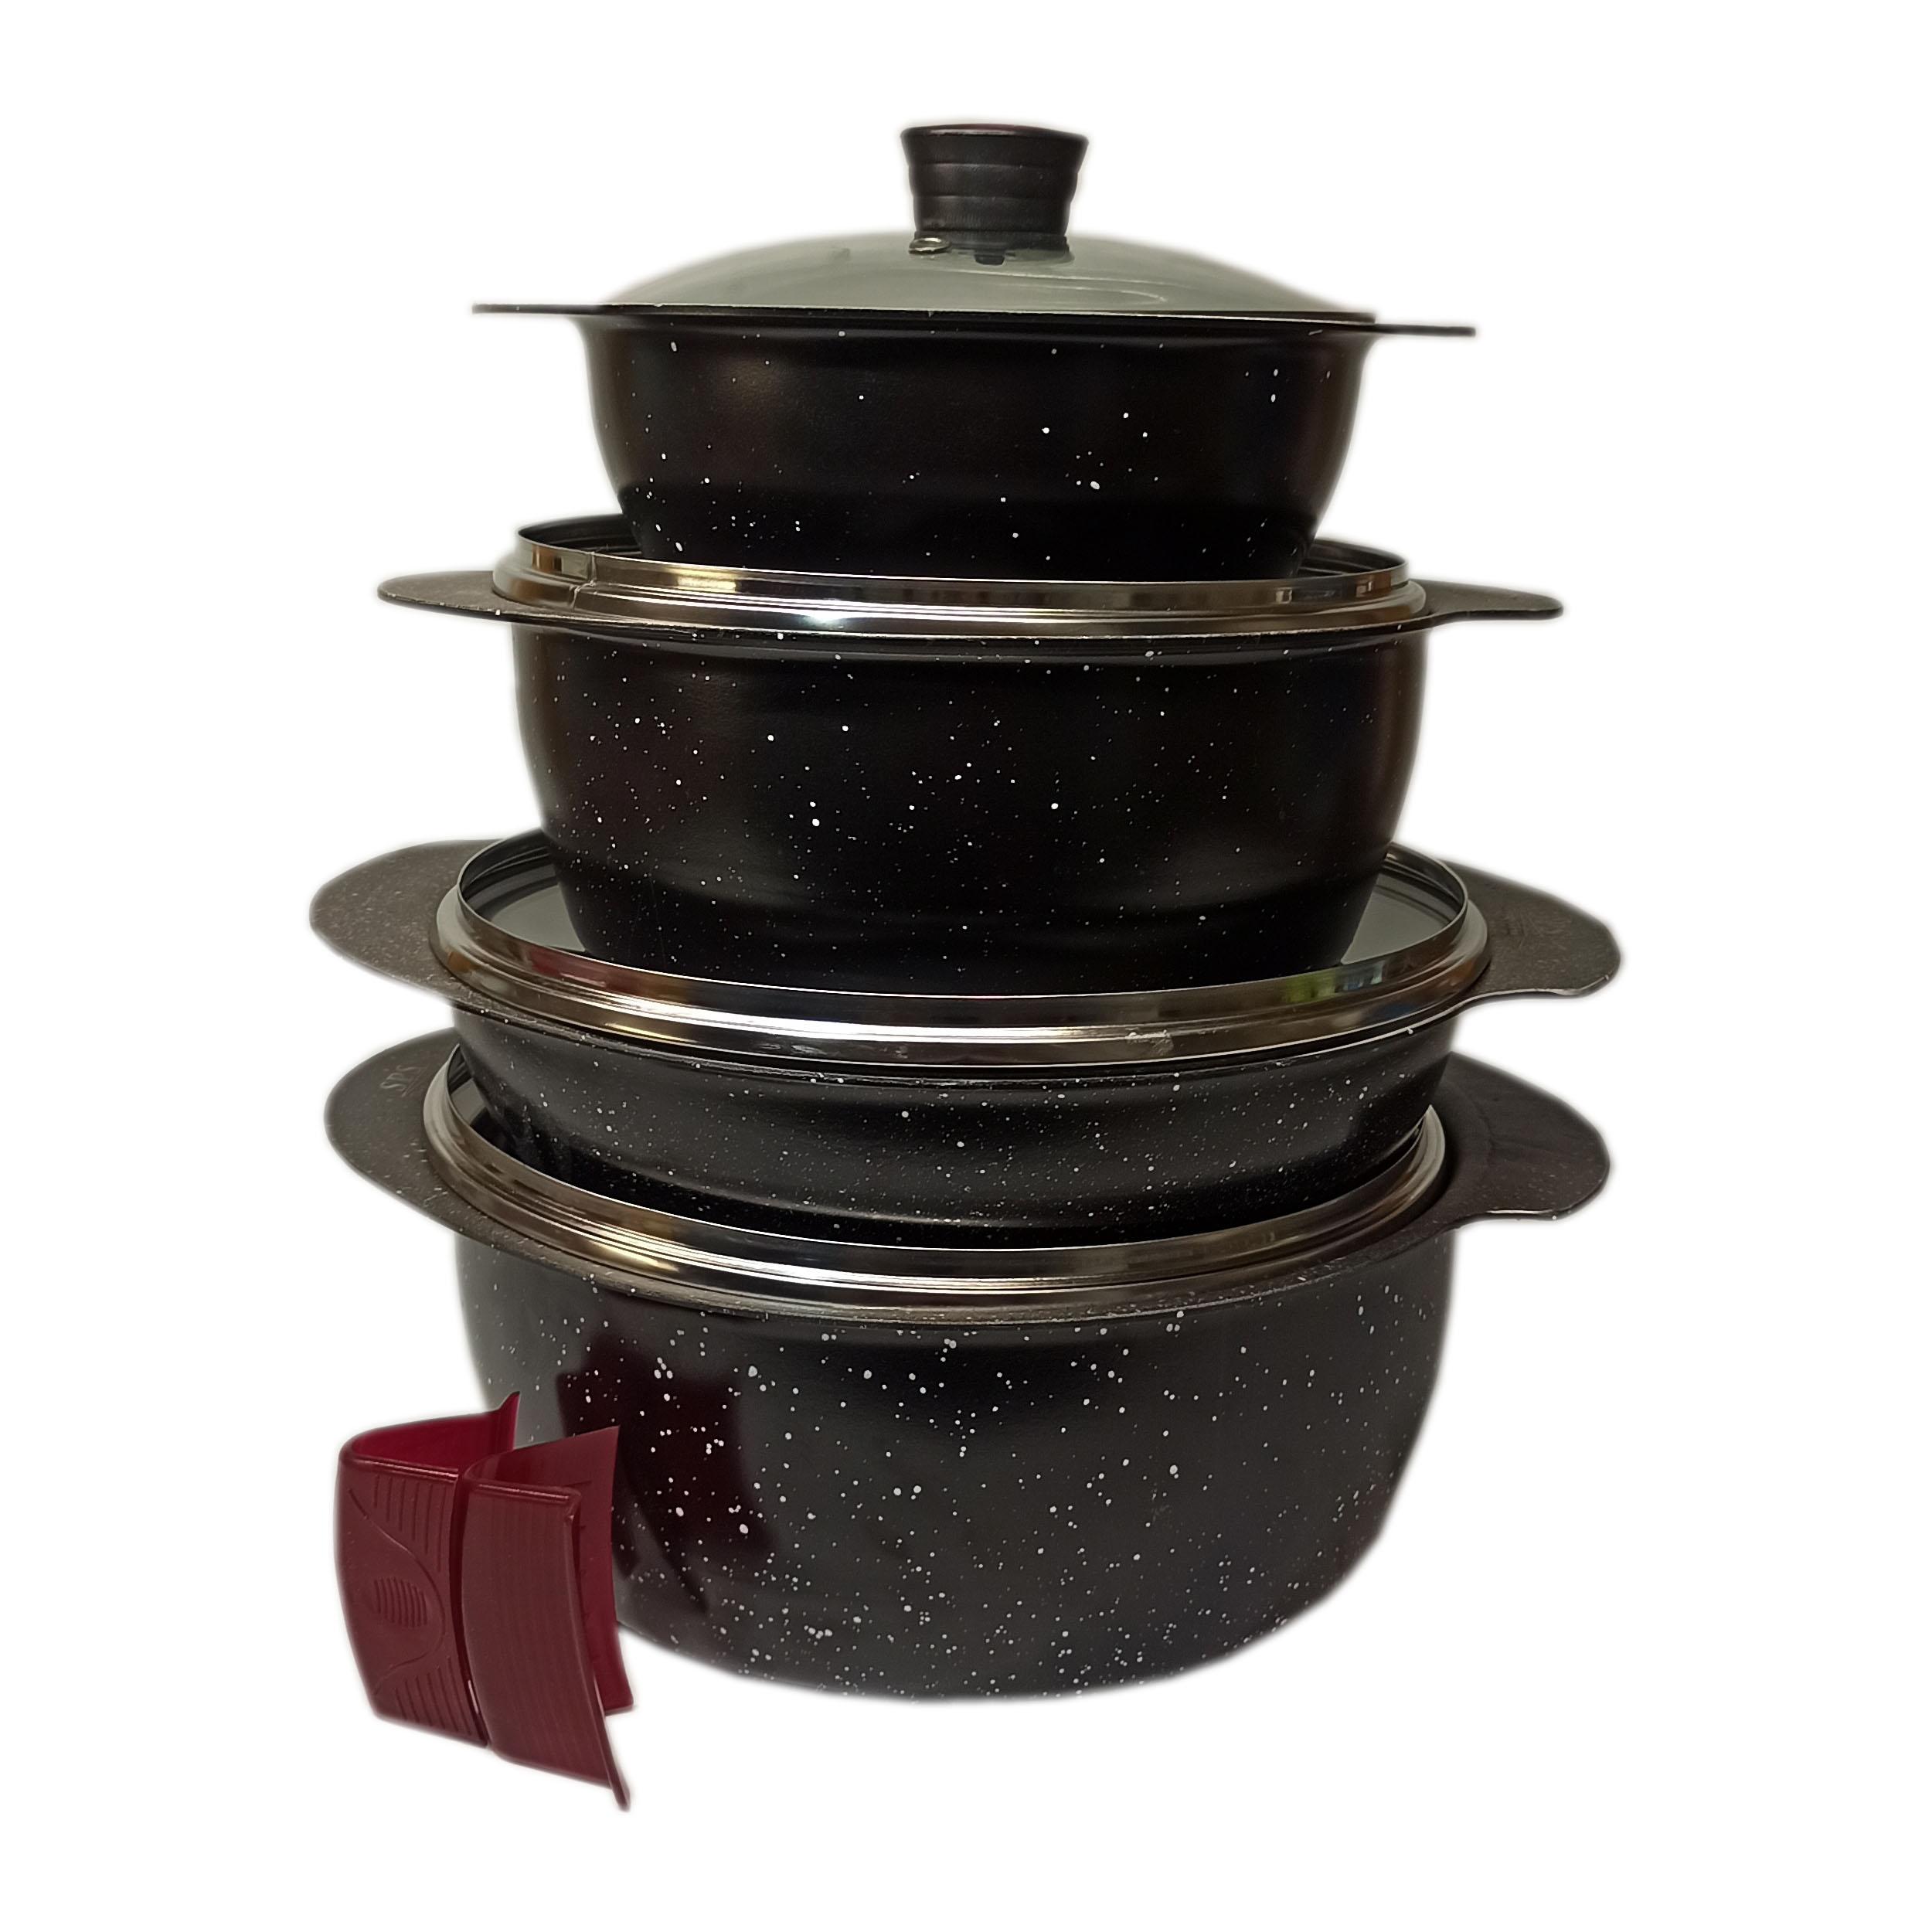 سرویس پخت و پز 10پارچه اس پی اس مدل 1814